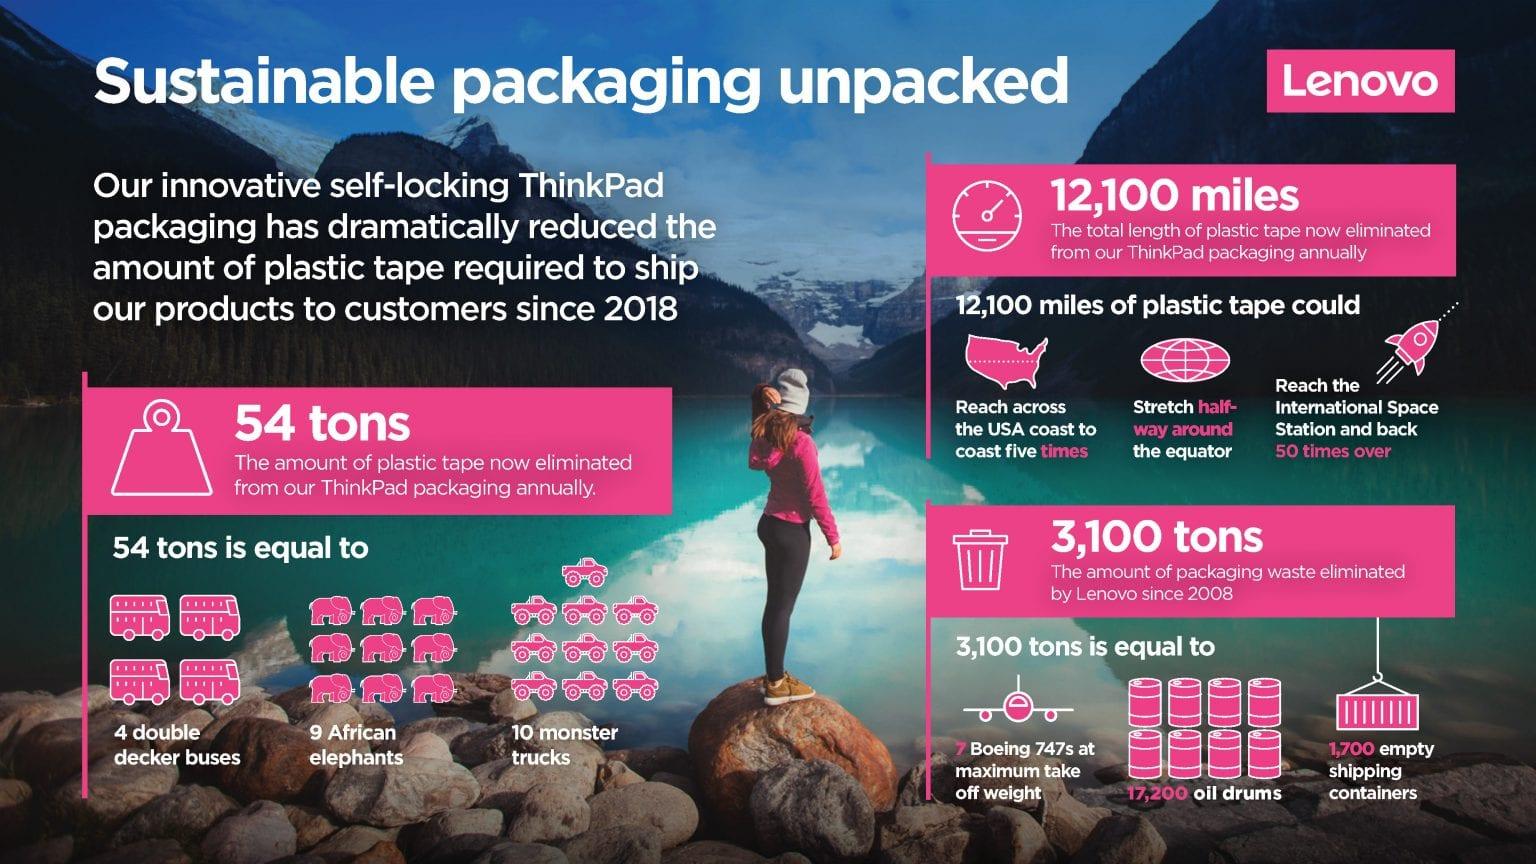 Lenovon uusi pahvipakkaus säästää 54 tonnia teippiä vuosittain